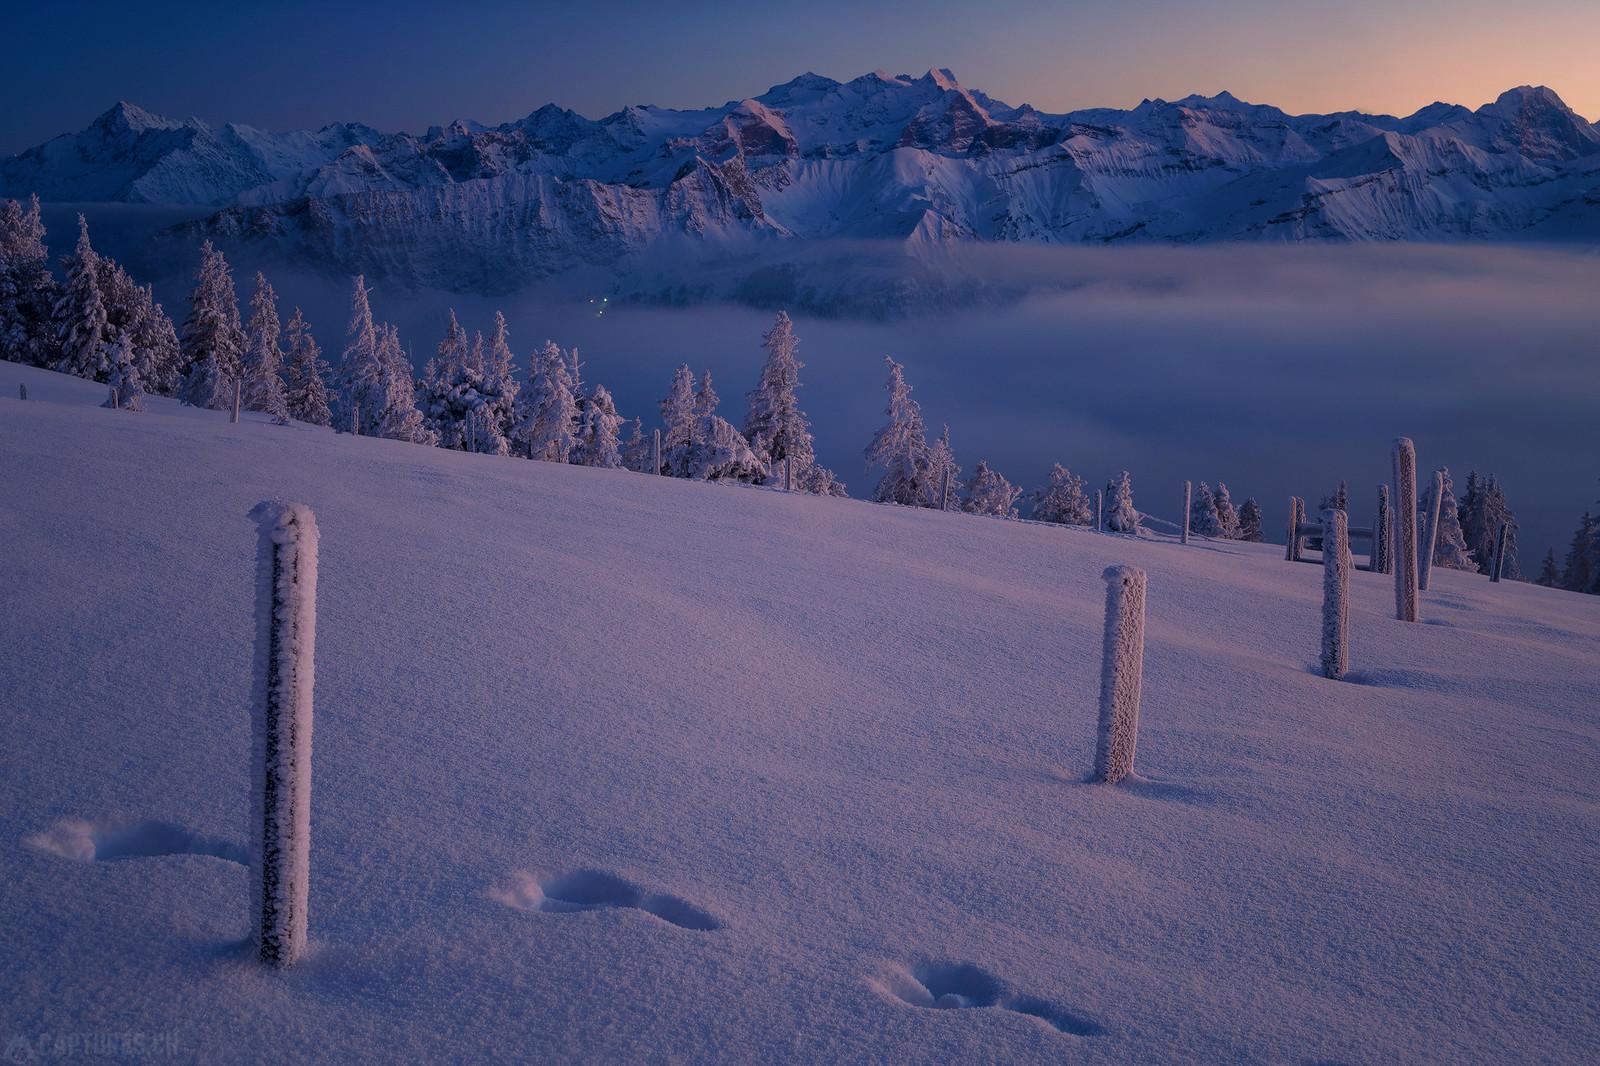 Mountains and fog - Zentralschweiz